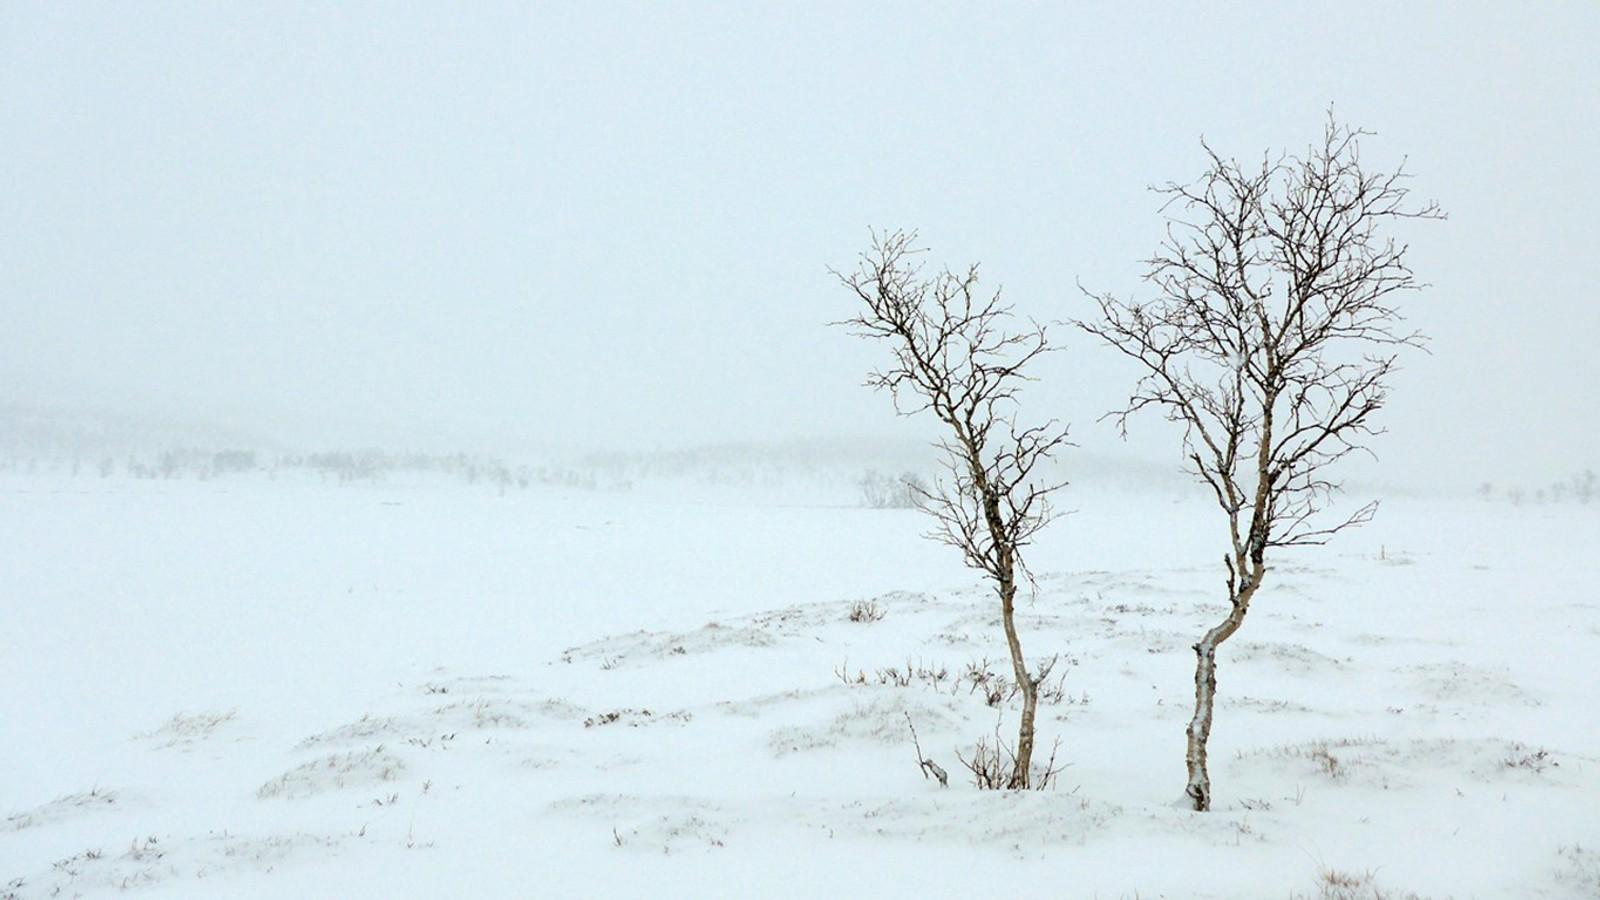 Minilldalsmyrene i tett snødrev